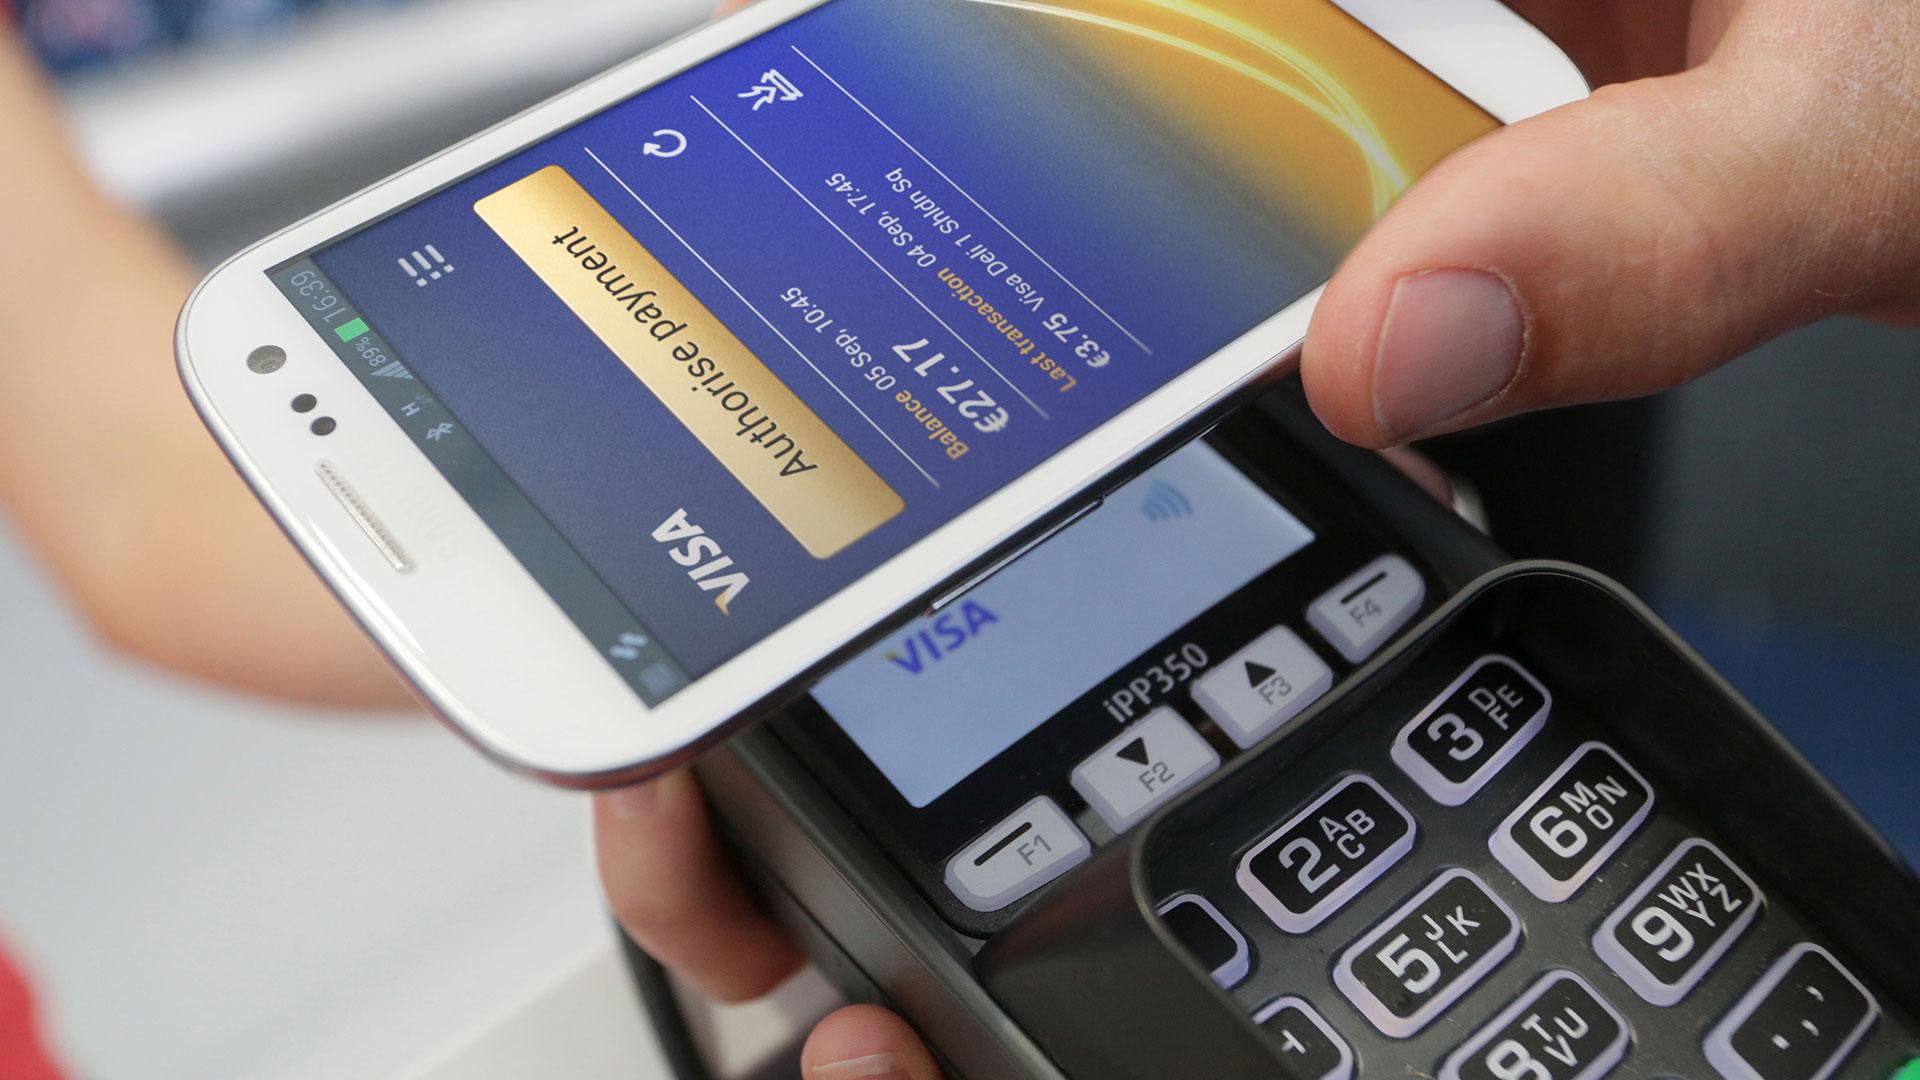 España: Visa tiene ya 2 millones de teléfonos y relojes activados para pagos móviles